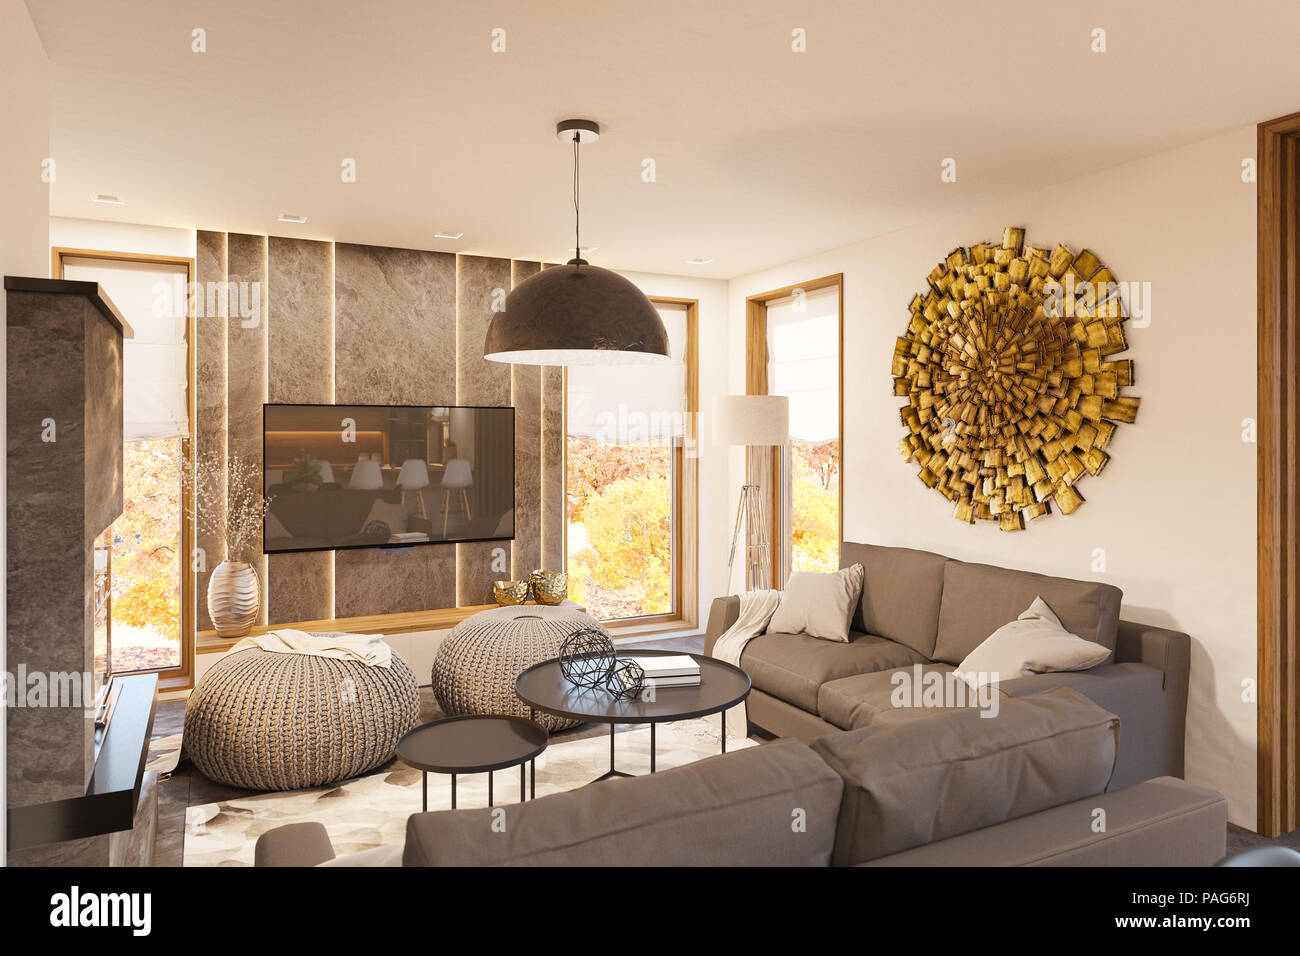 Soggiorno Moderno Con Camino 3d render soggiorno moderno interior design con caminetto